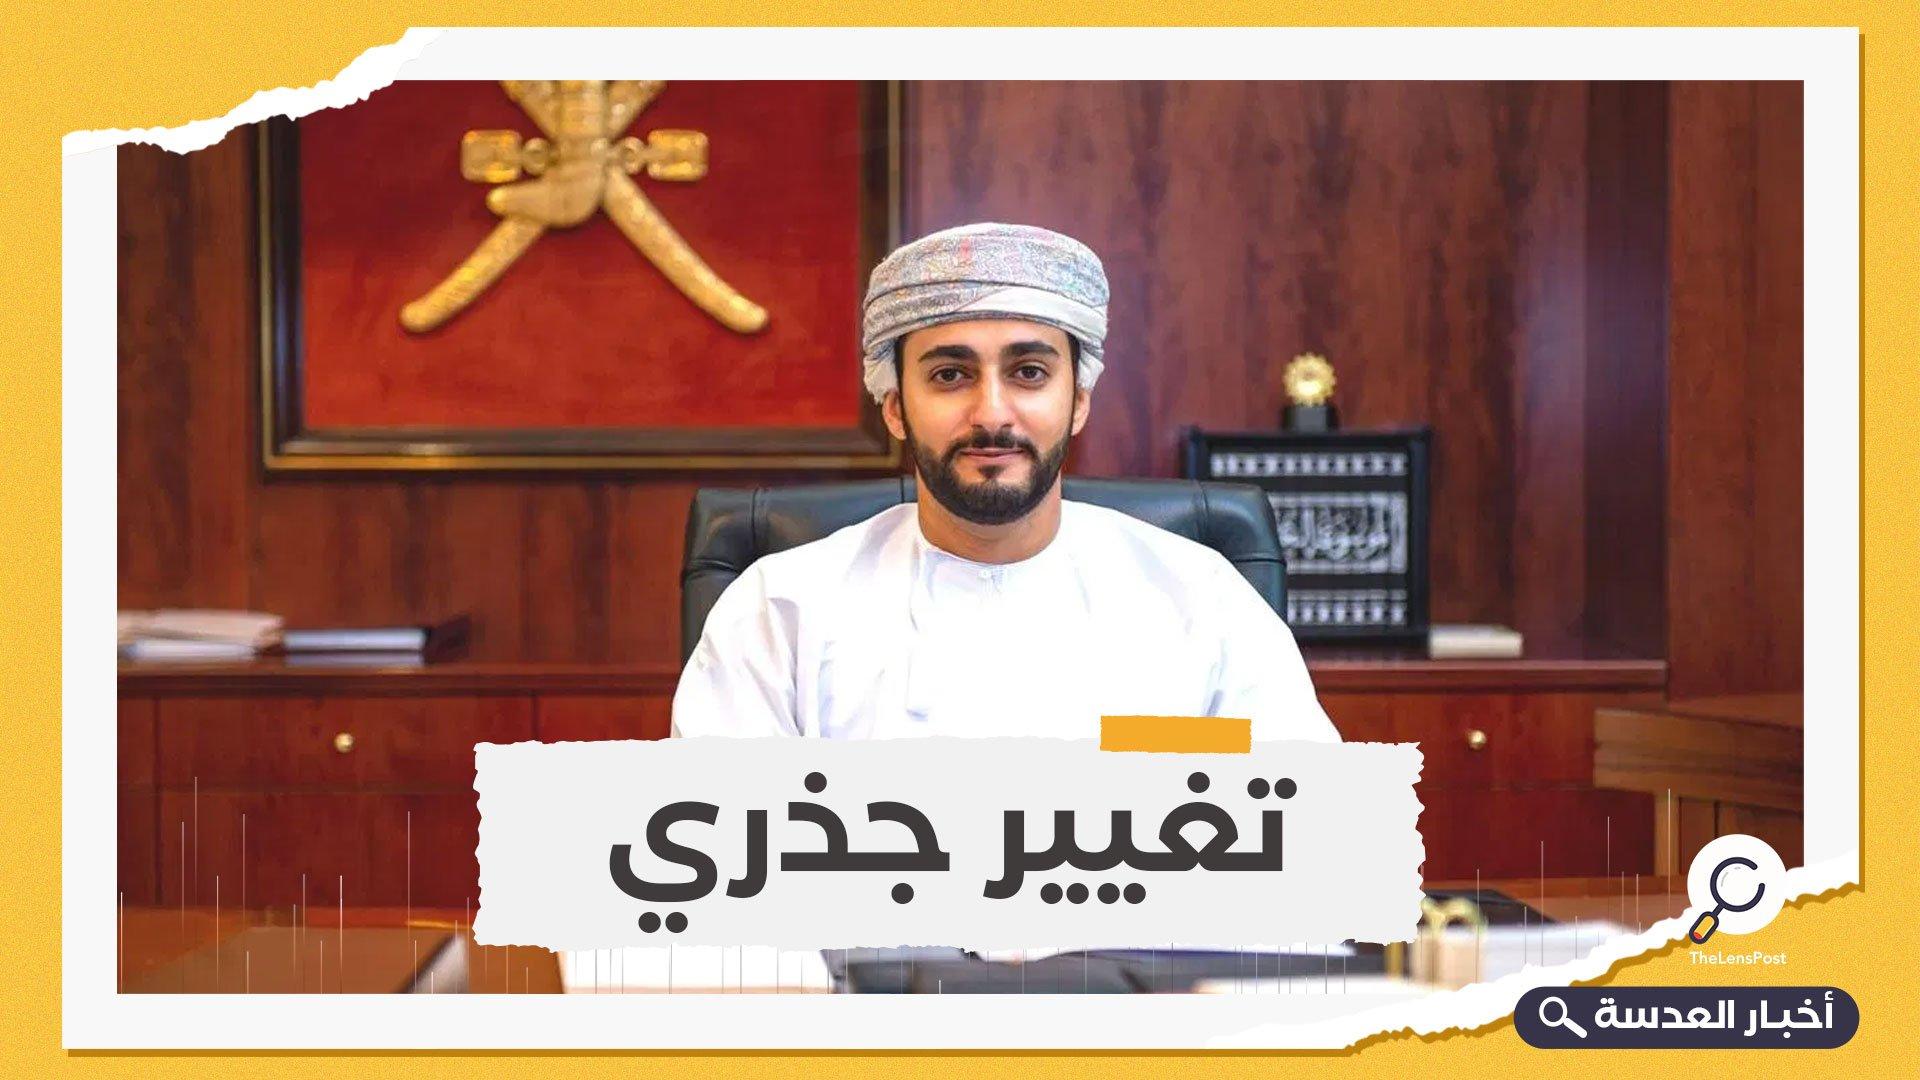 عقب تعديل نظام الحكم.. تعيين أول ولي عهد في تاريخ سلطنة عمان